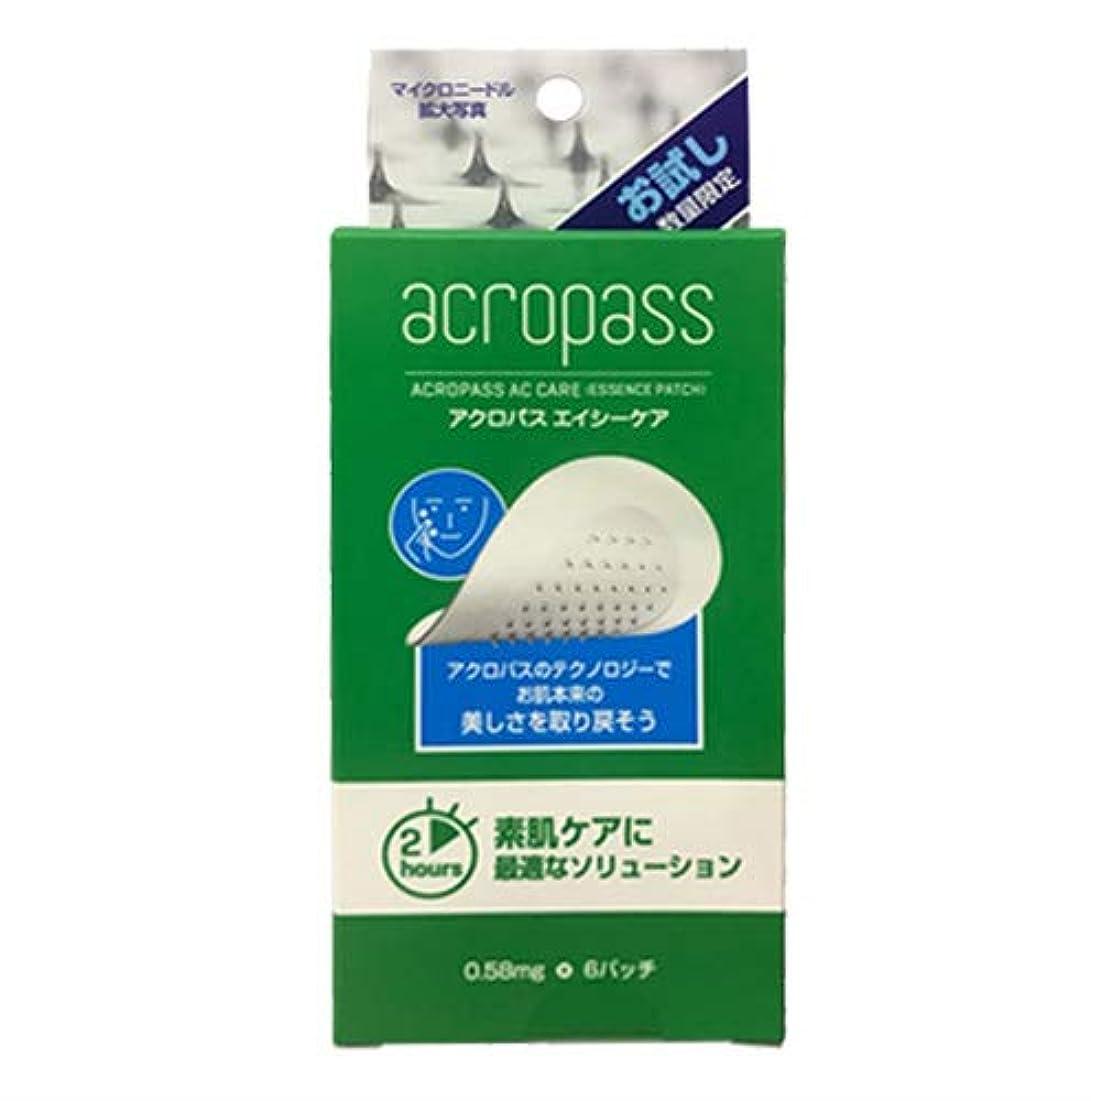 破壊的なダウンタウン直径アクロパス (acropass) エイシーケア お試しサイズ 6パッチ入り ×2個セット